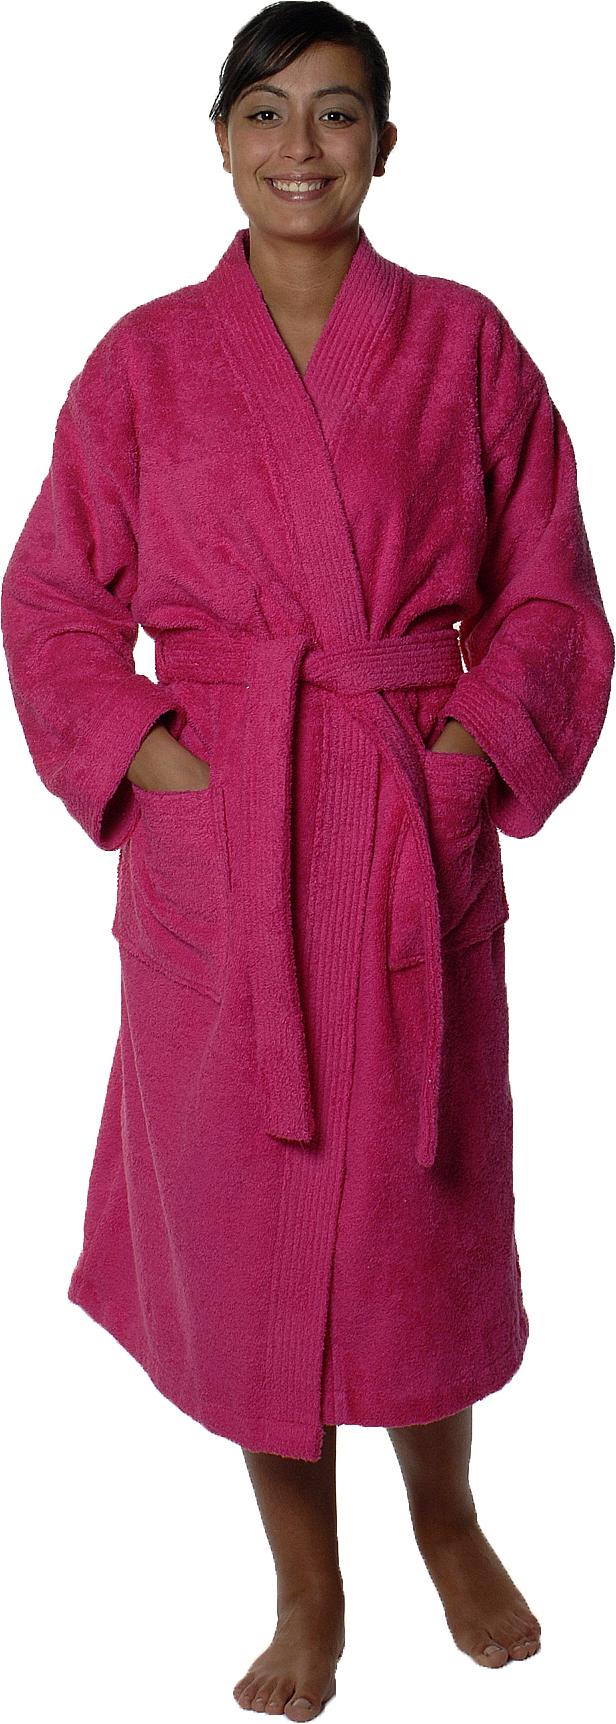 Peignoir col kimono en Coton couleur Rose indien Taille L (Rose Indien)